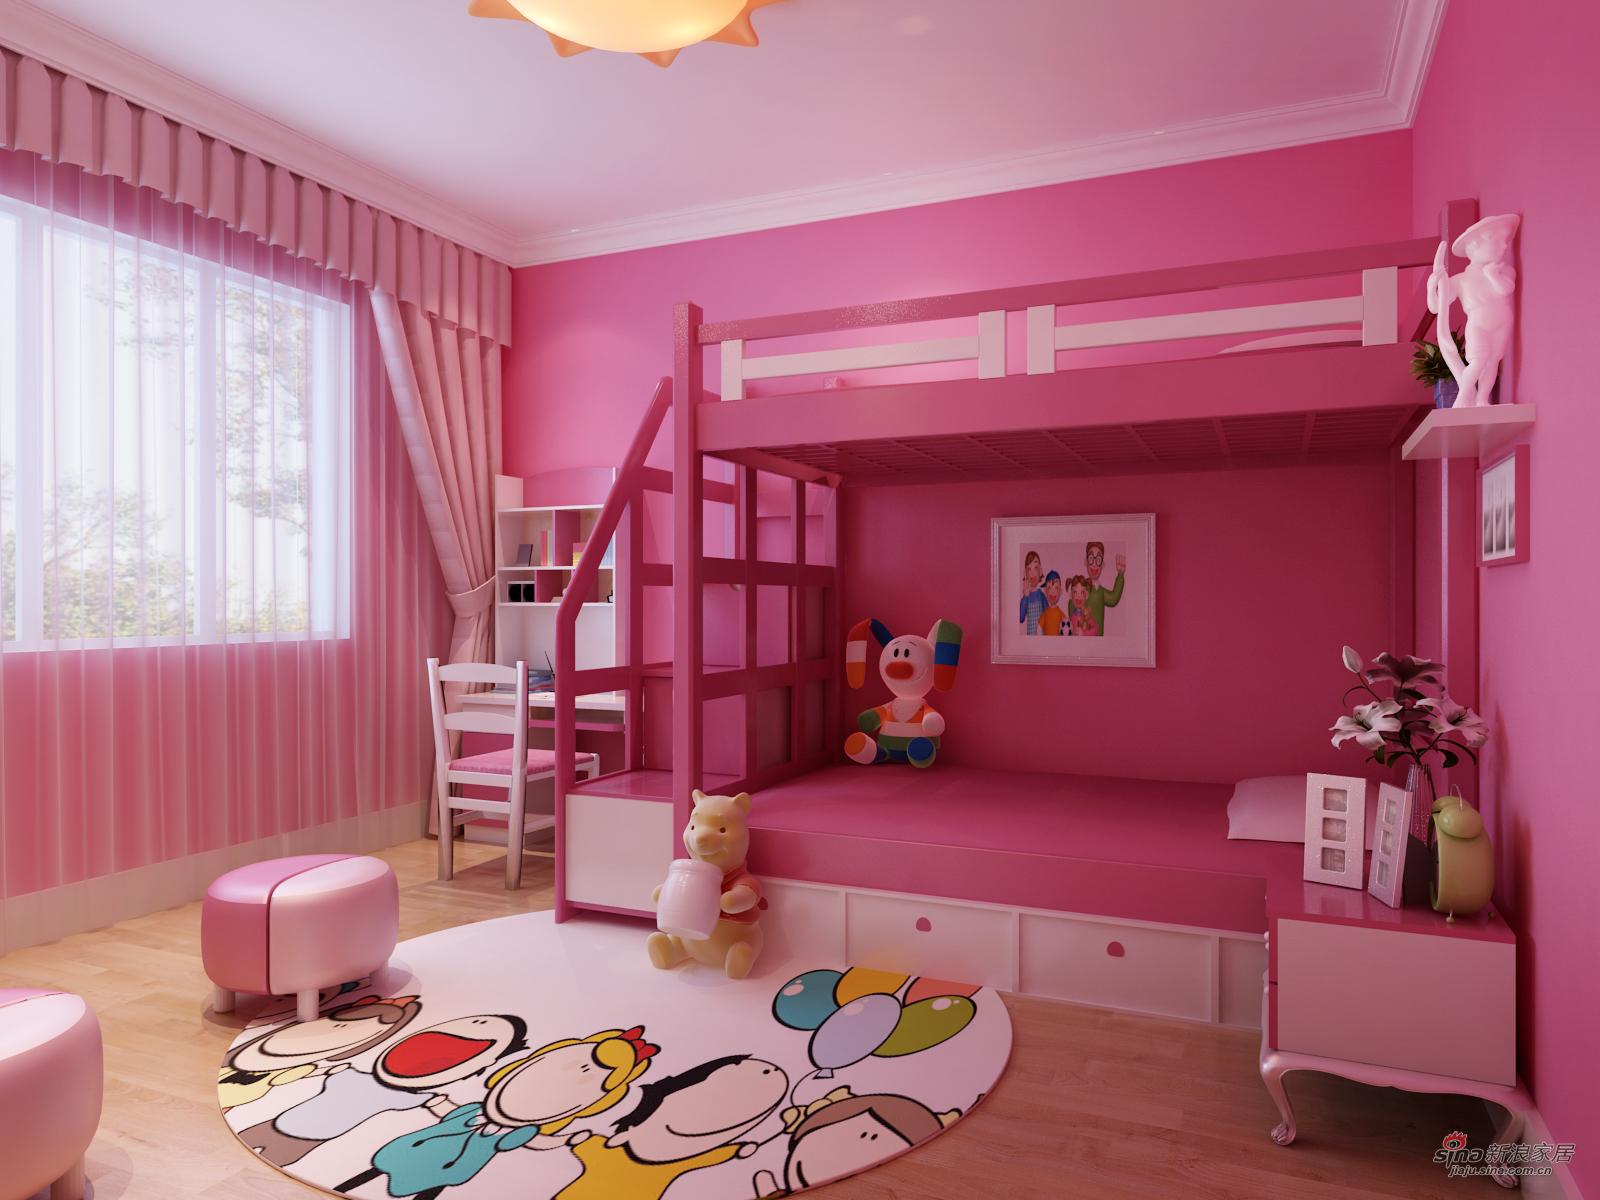 简约风格儿童房装修设计效果图